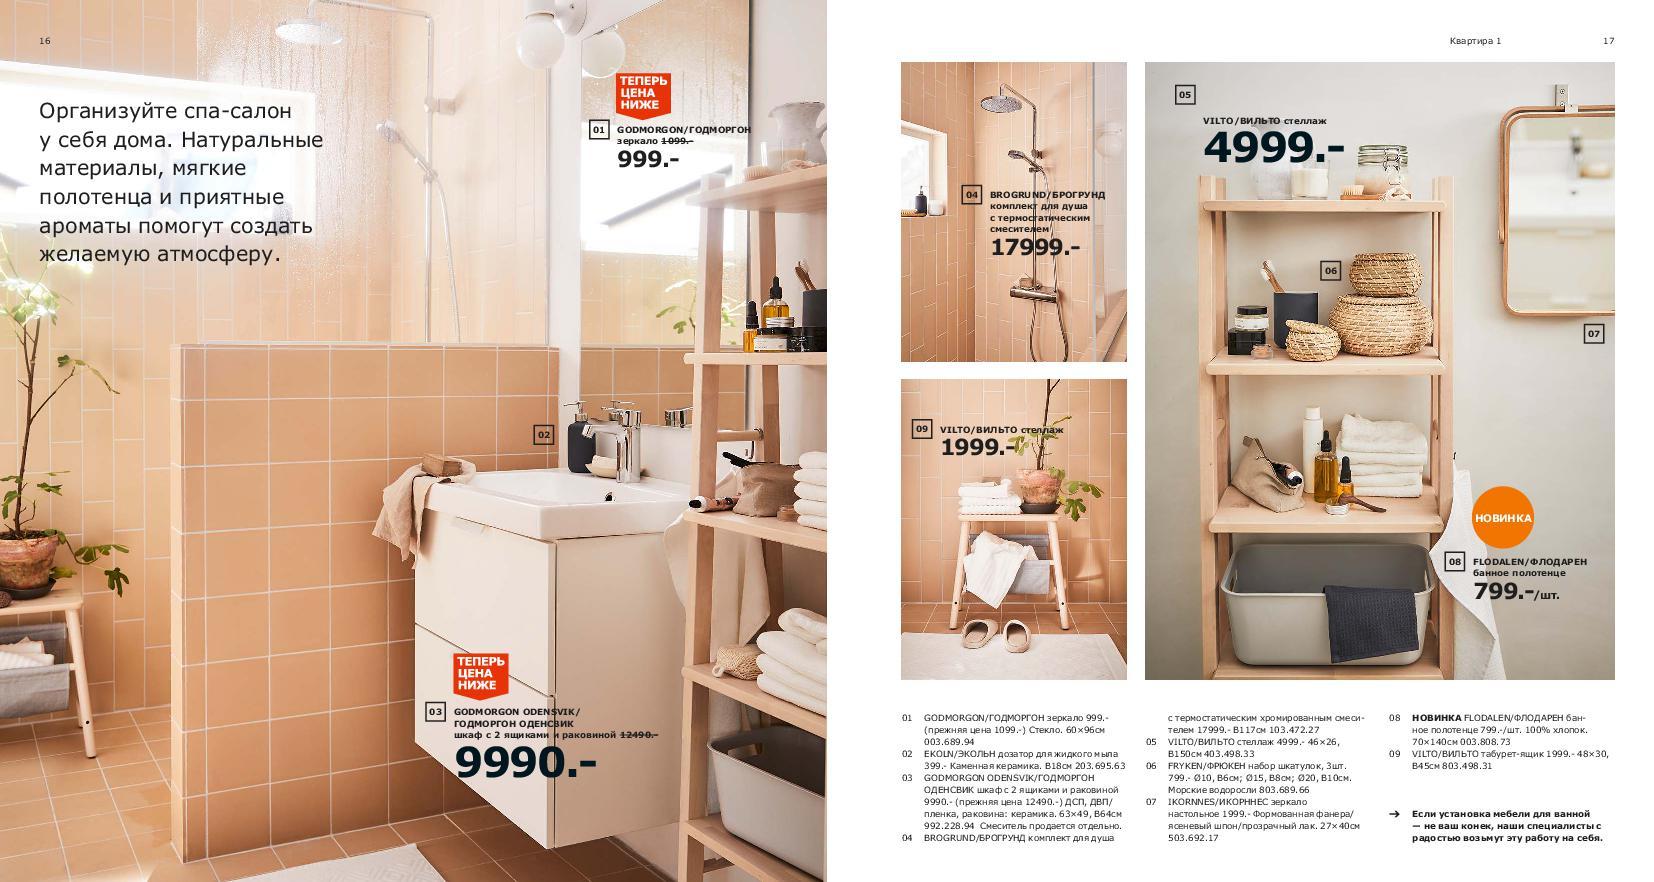 IKEA_catalogue_2019-09